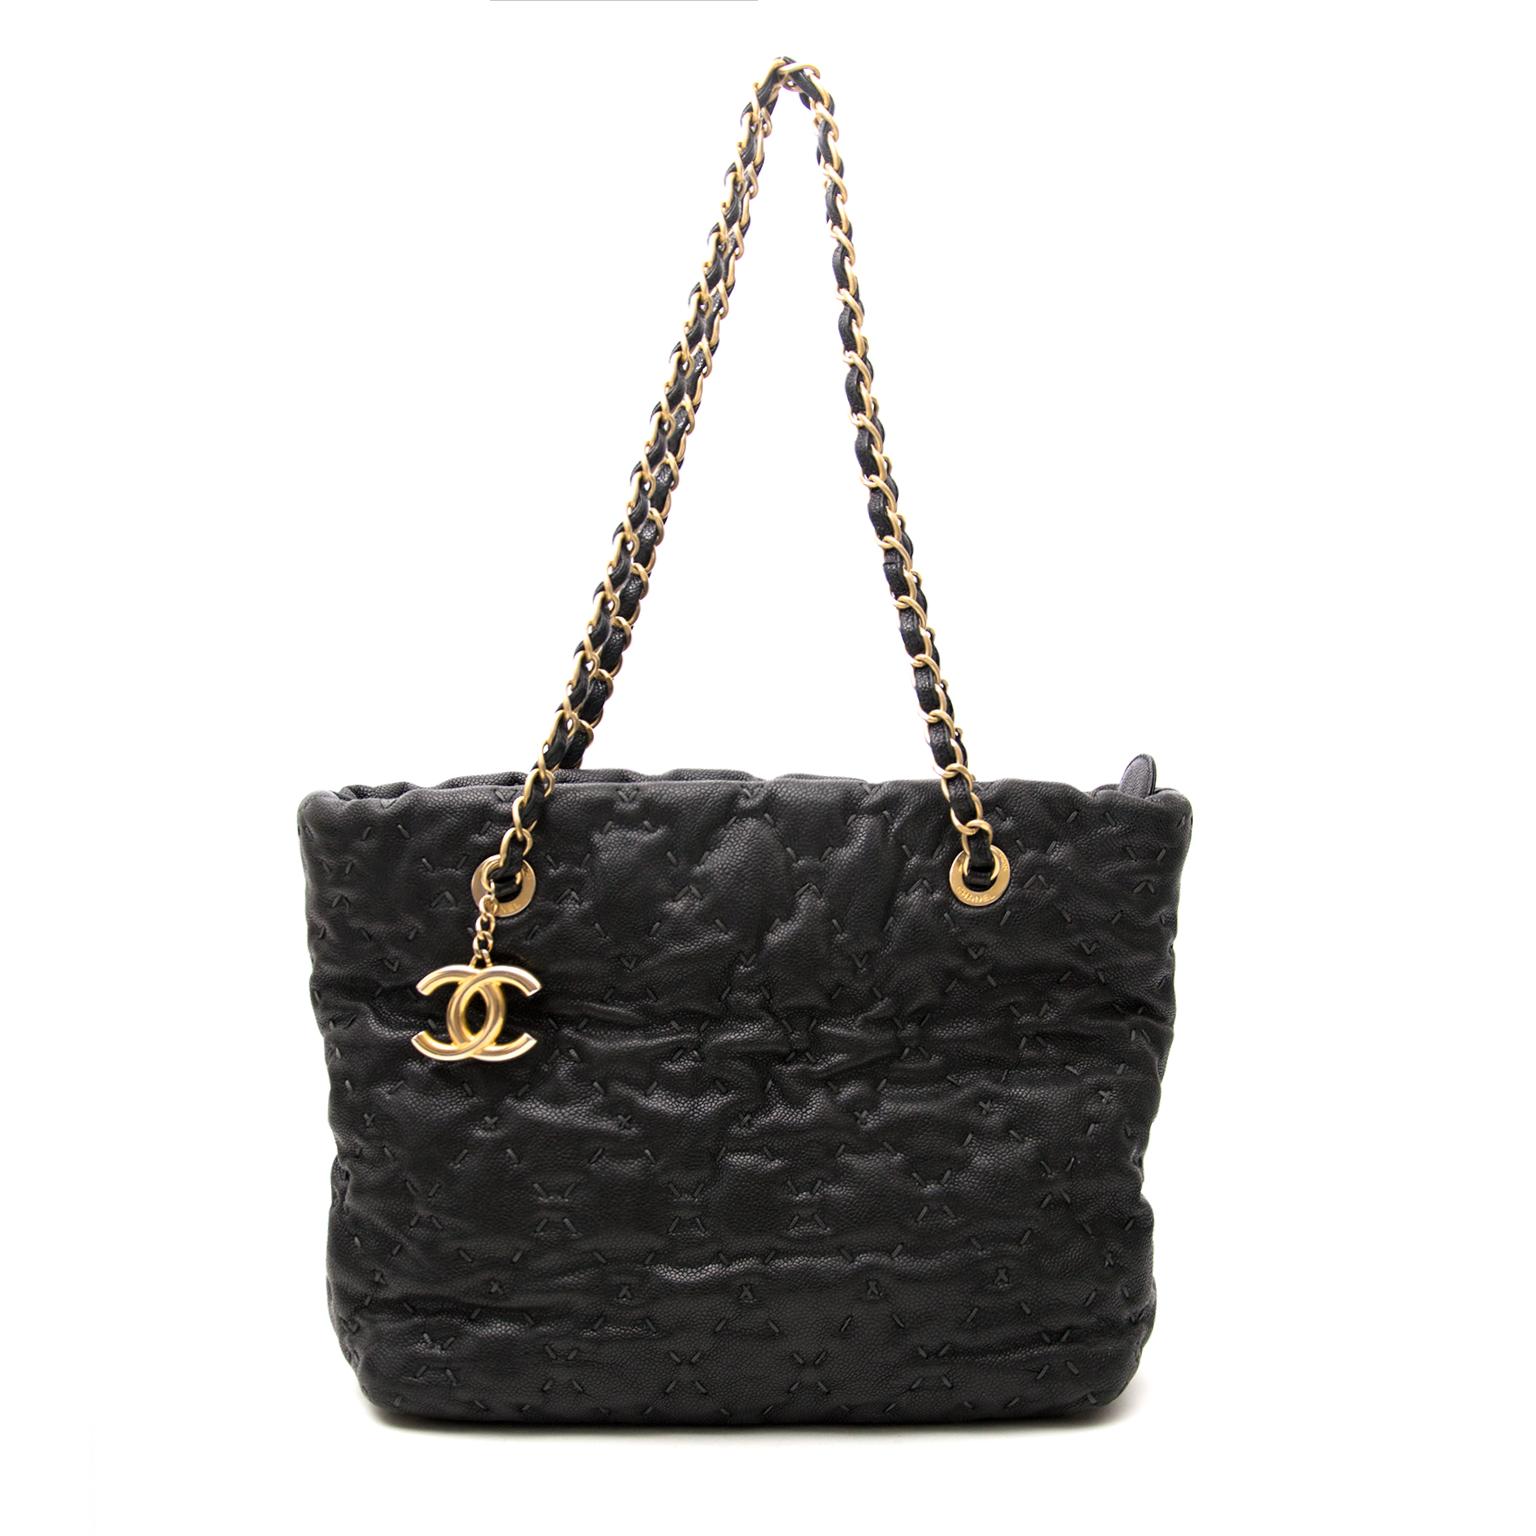 Acheter secur en ligne votre Chanel cuir noir sac a mains pour le meilleur prix